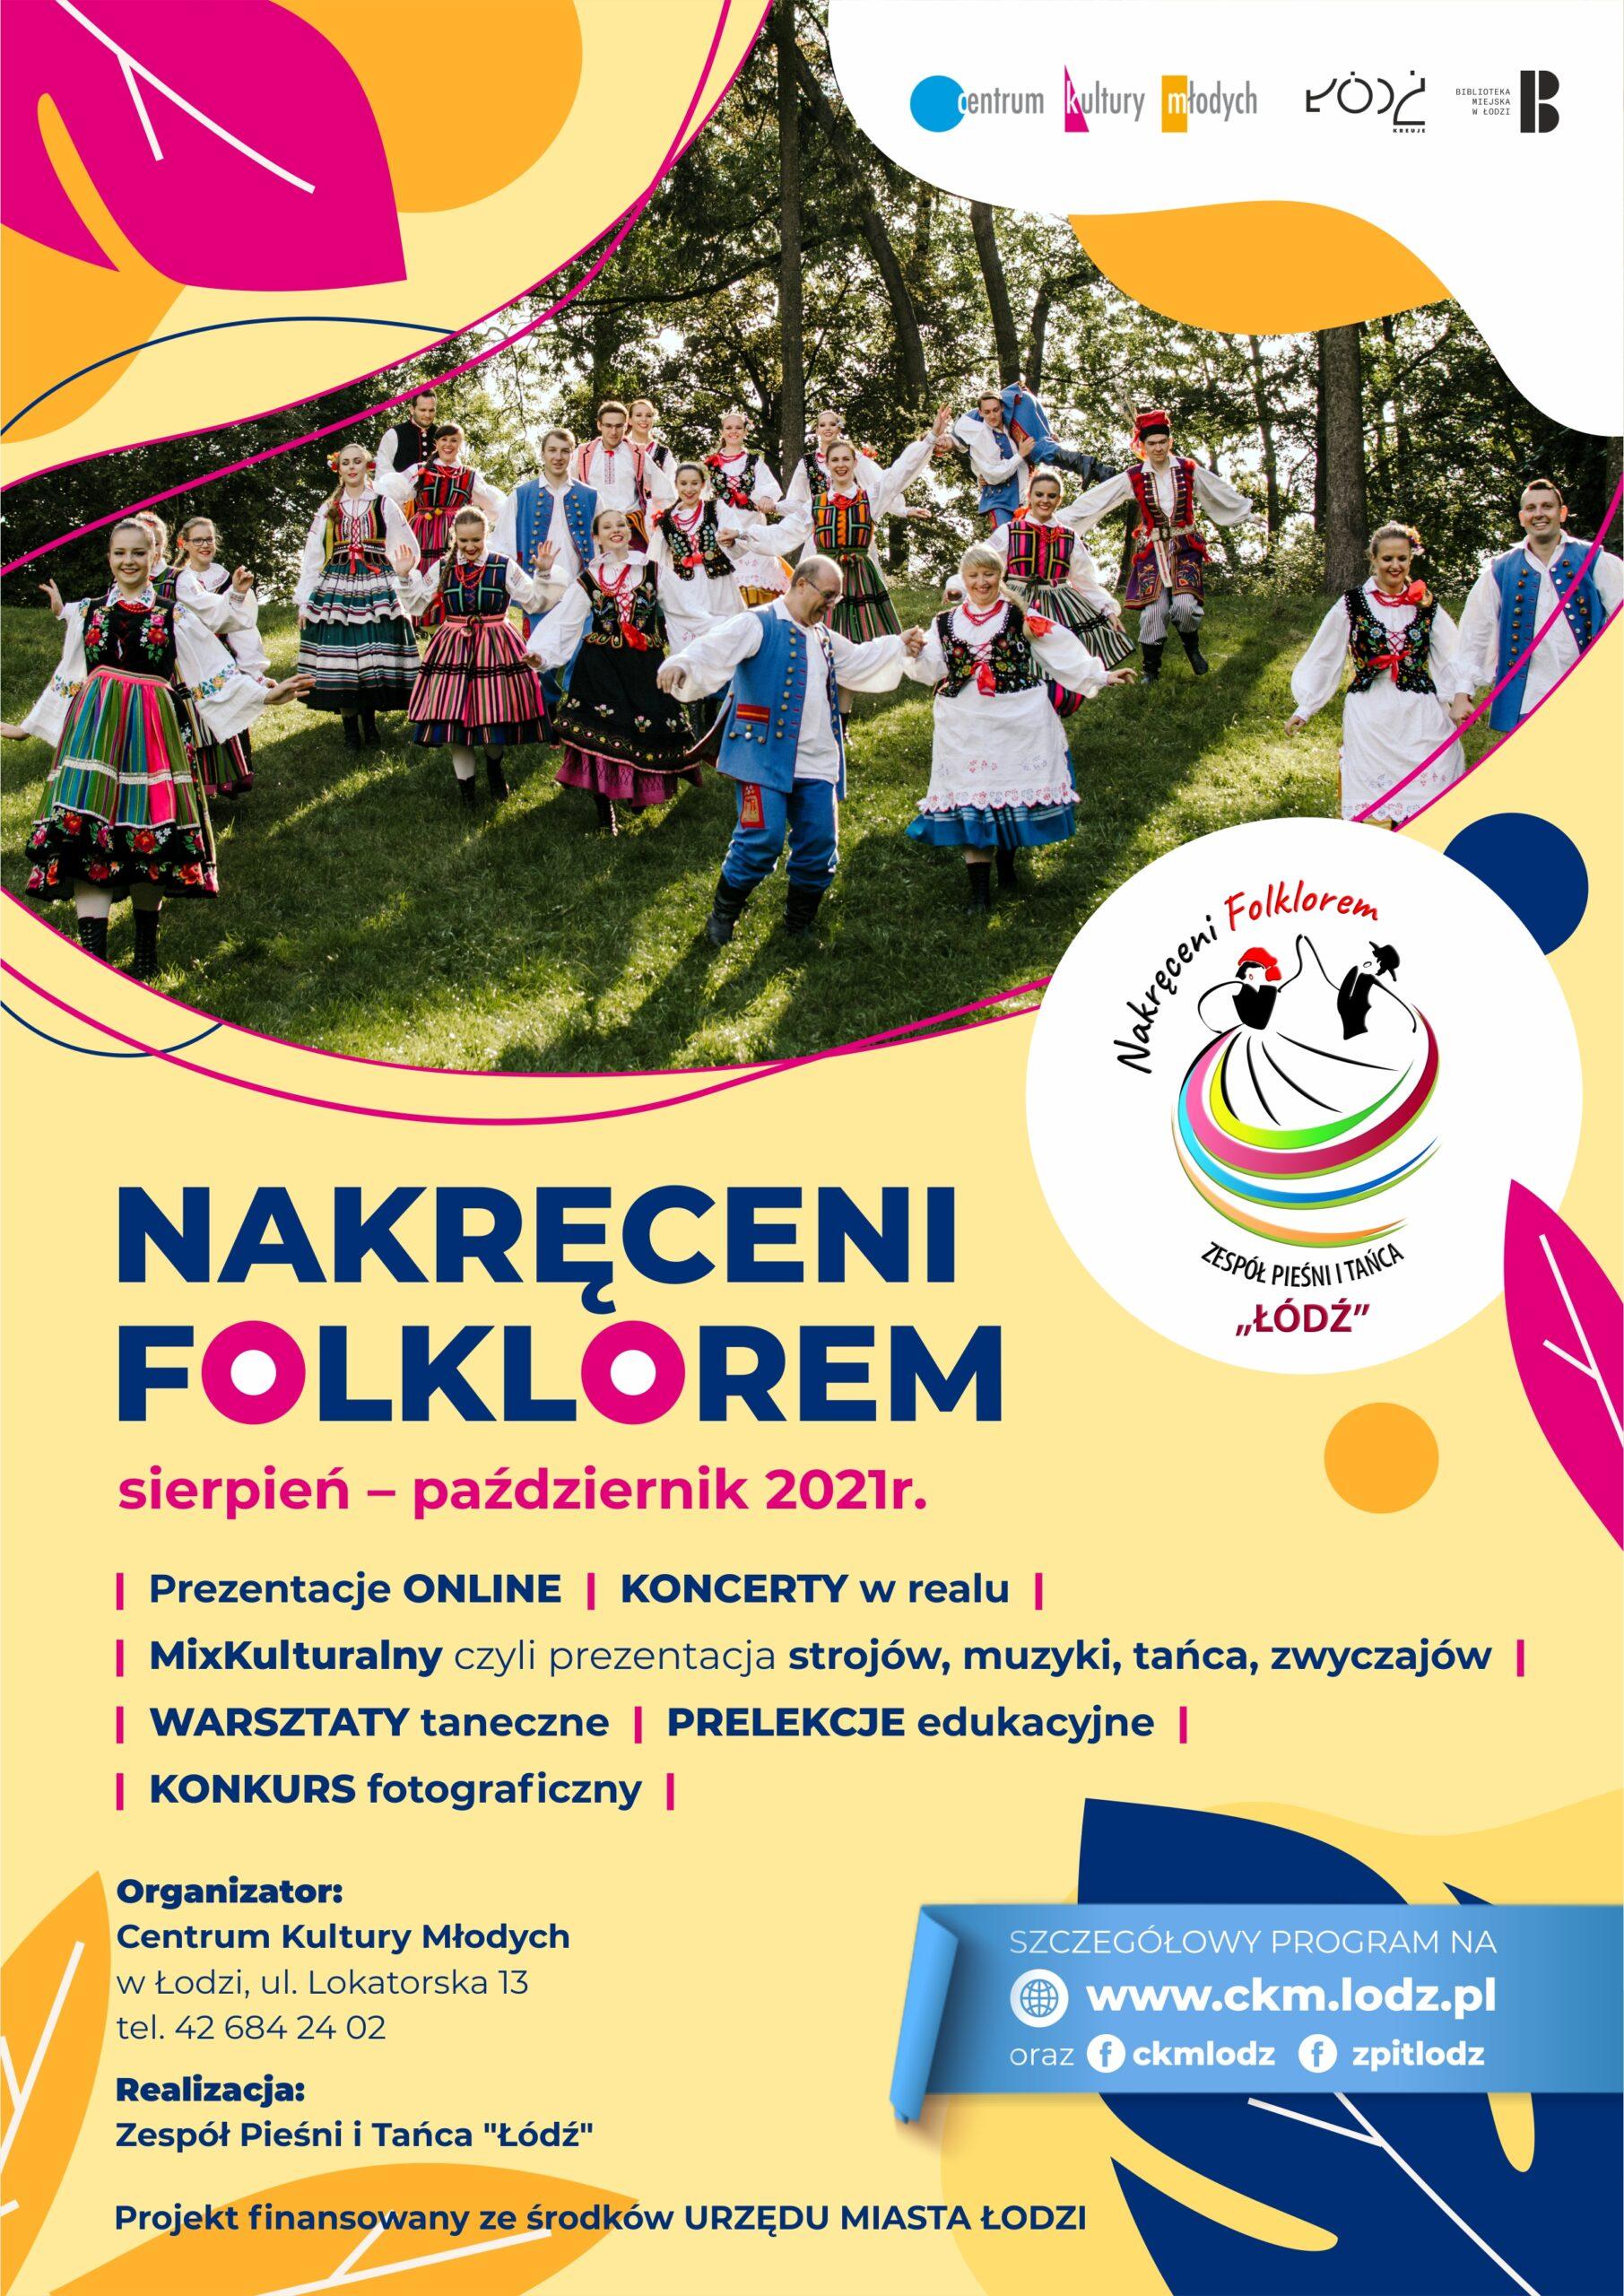 plakat zakreceni folklorem